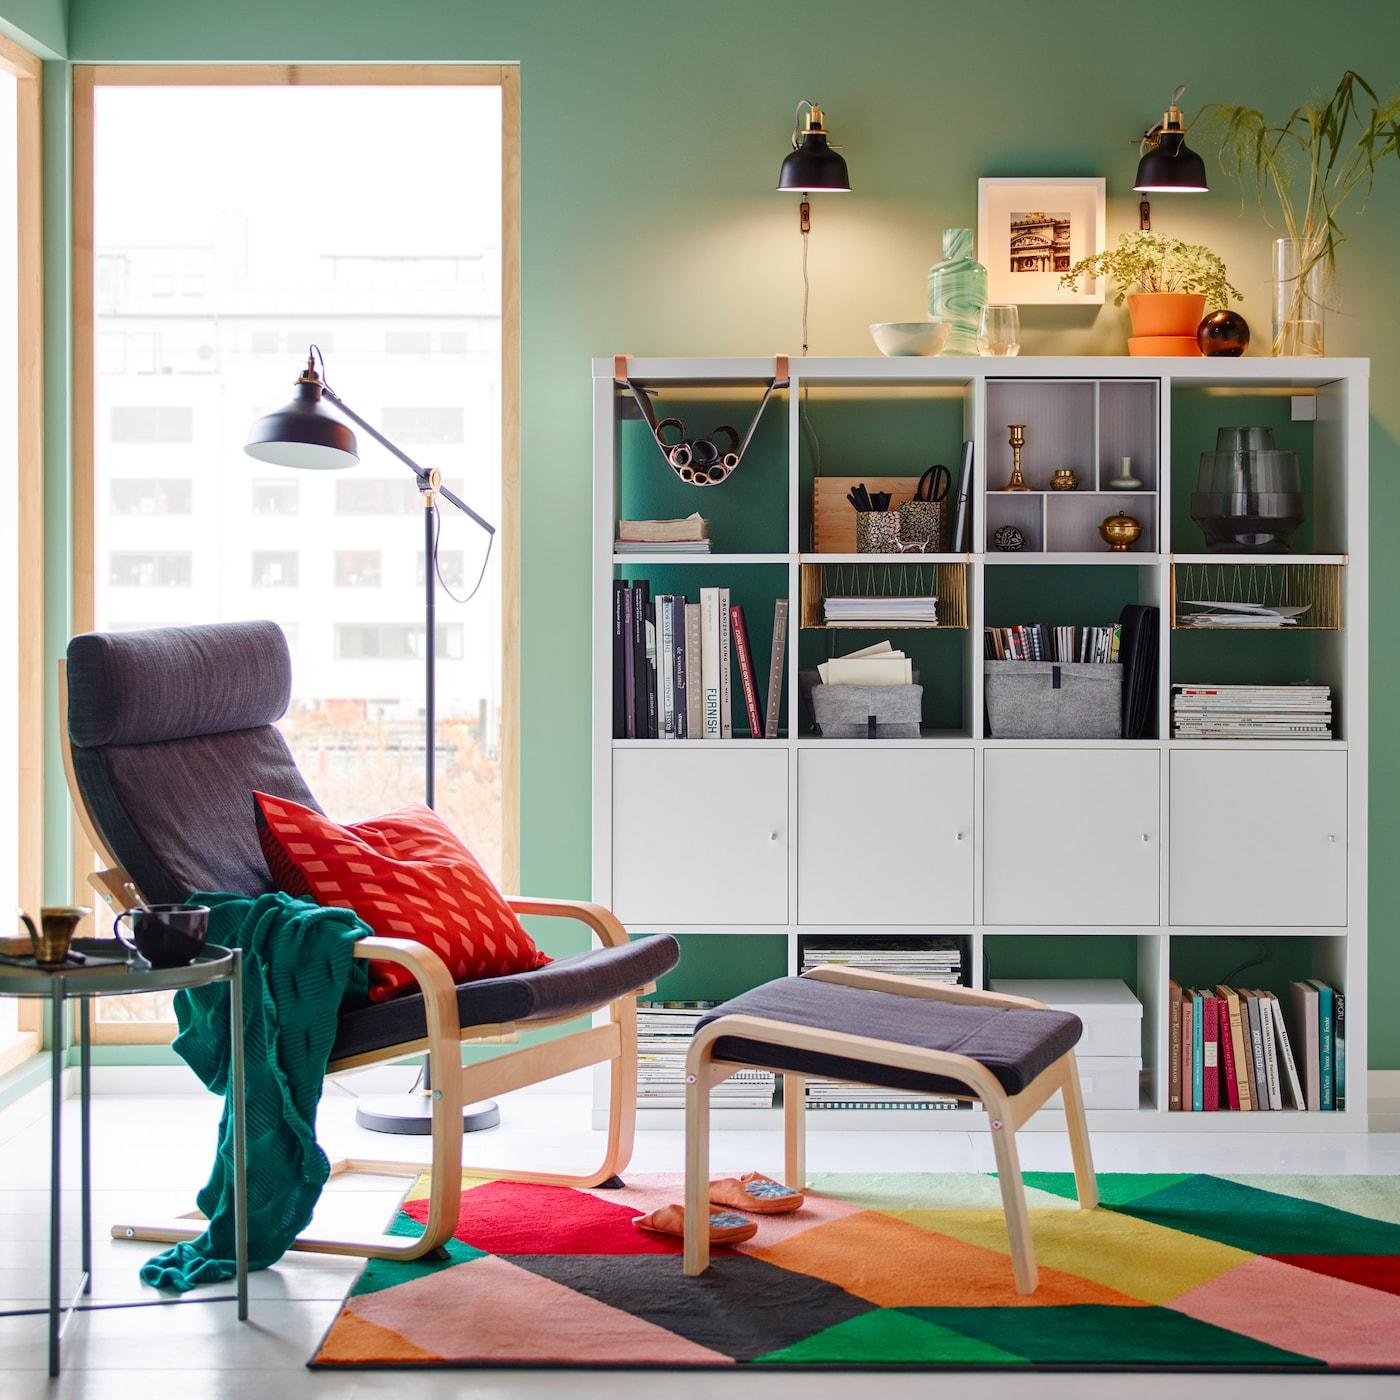 Vihreän ja harmaan sävyin sisustettu lukunurkkaus, jossa monivärinen matto ja valkoiset hyllyt.